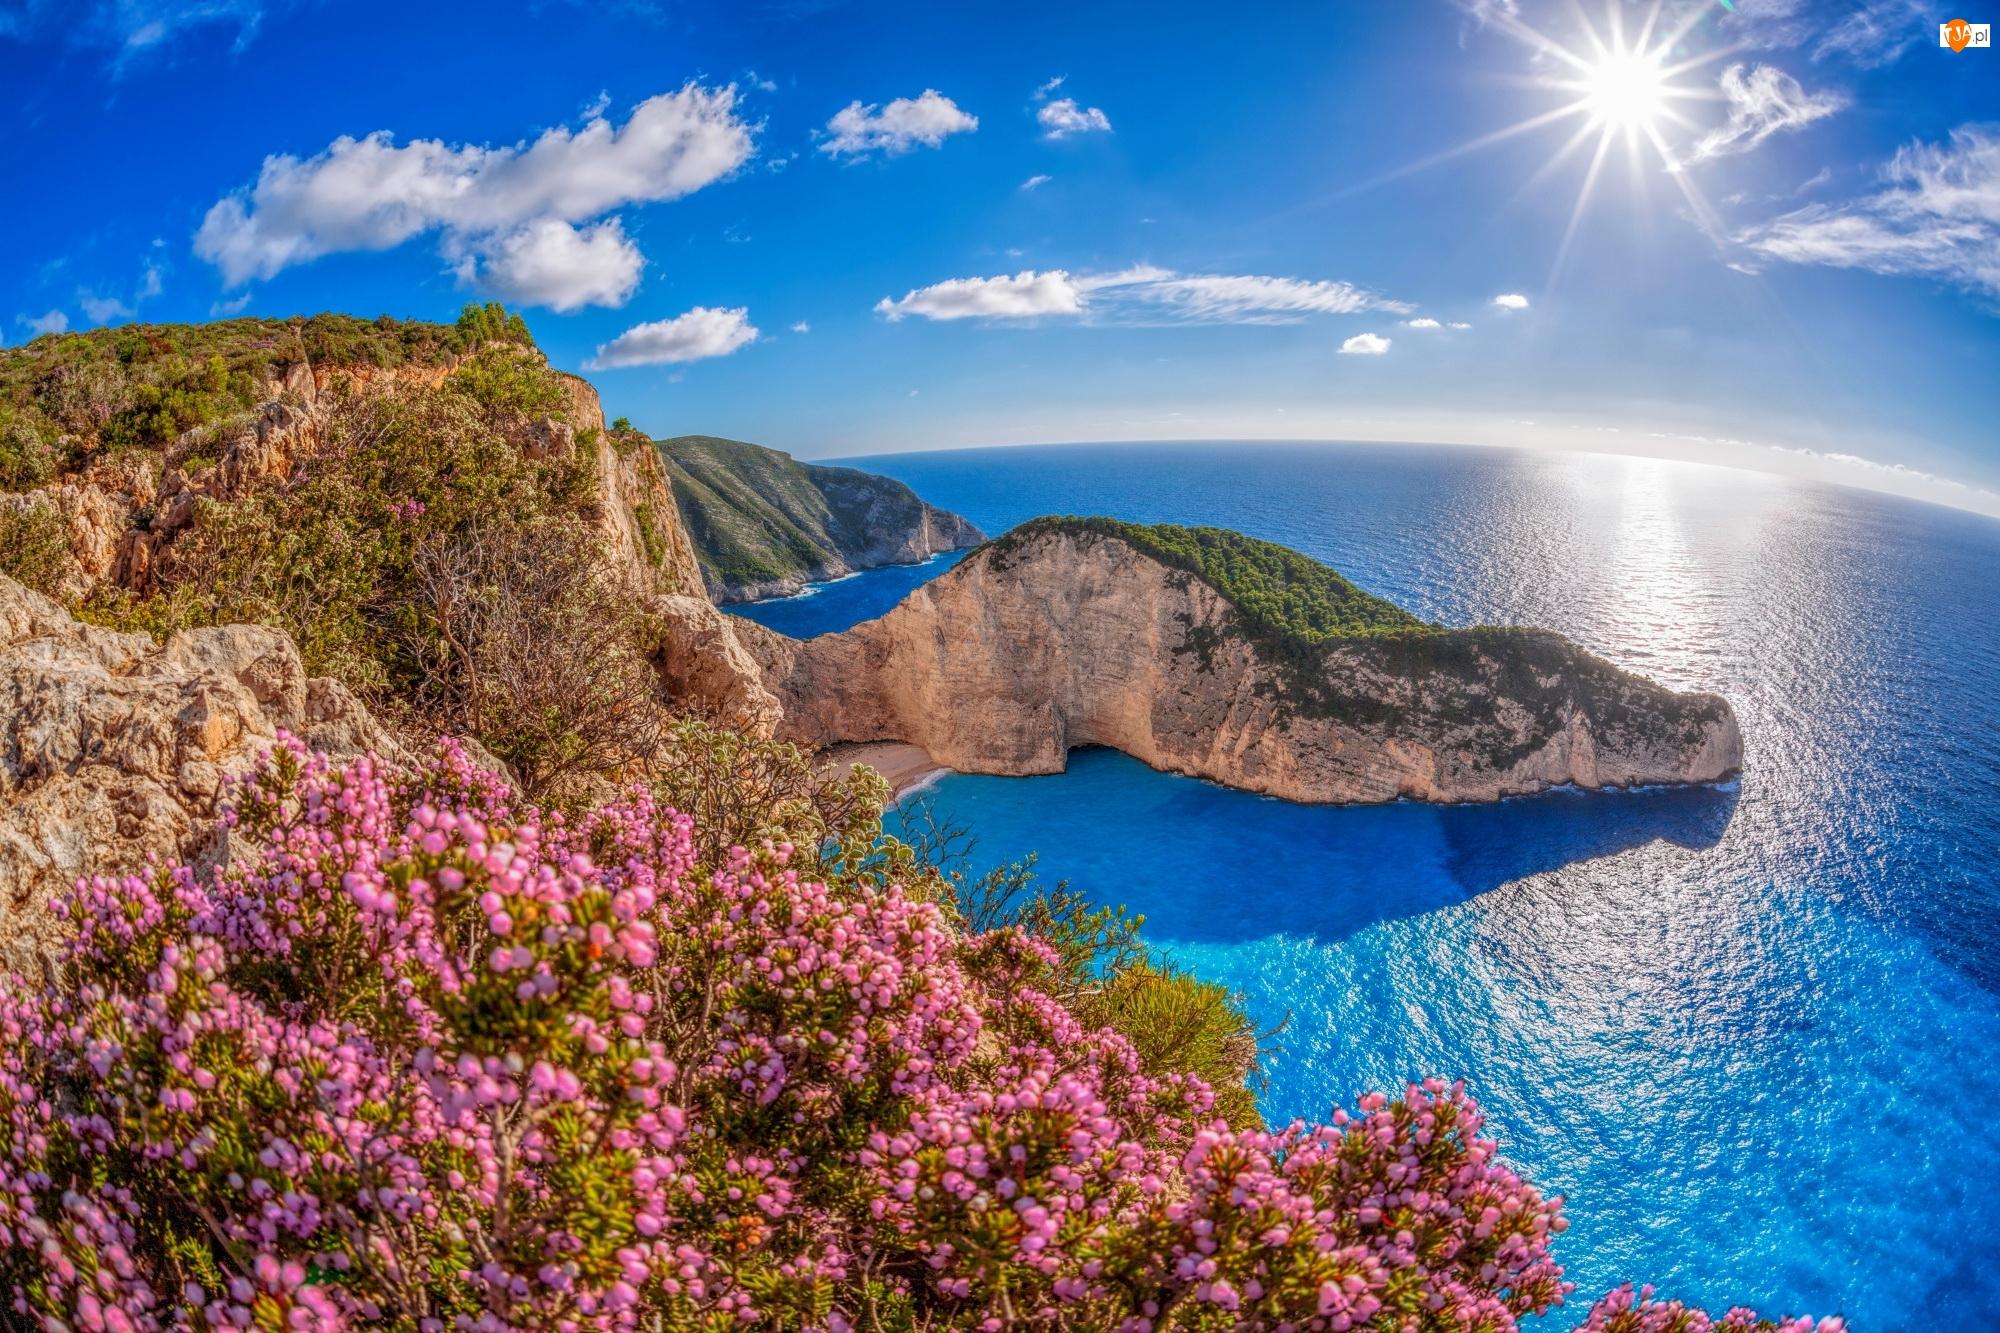 Morze Jońskie, Promienie słońca, Wyspa Zakintos, Grecja, Góry, Plaża Nawajo, Zatoka